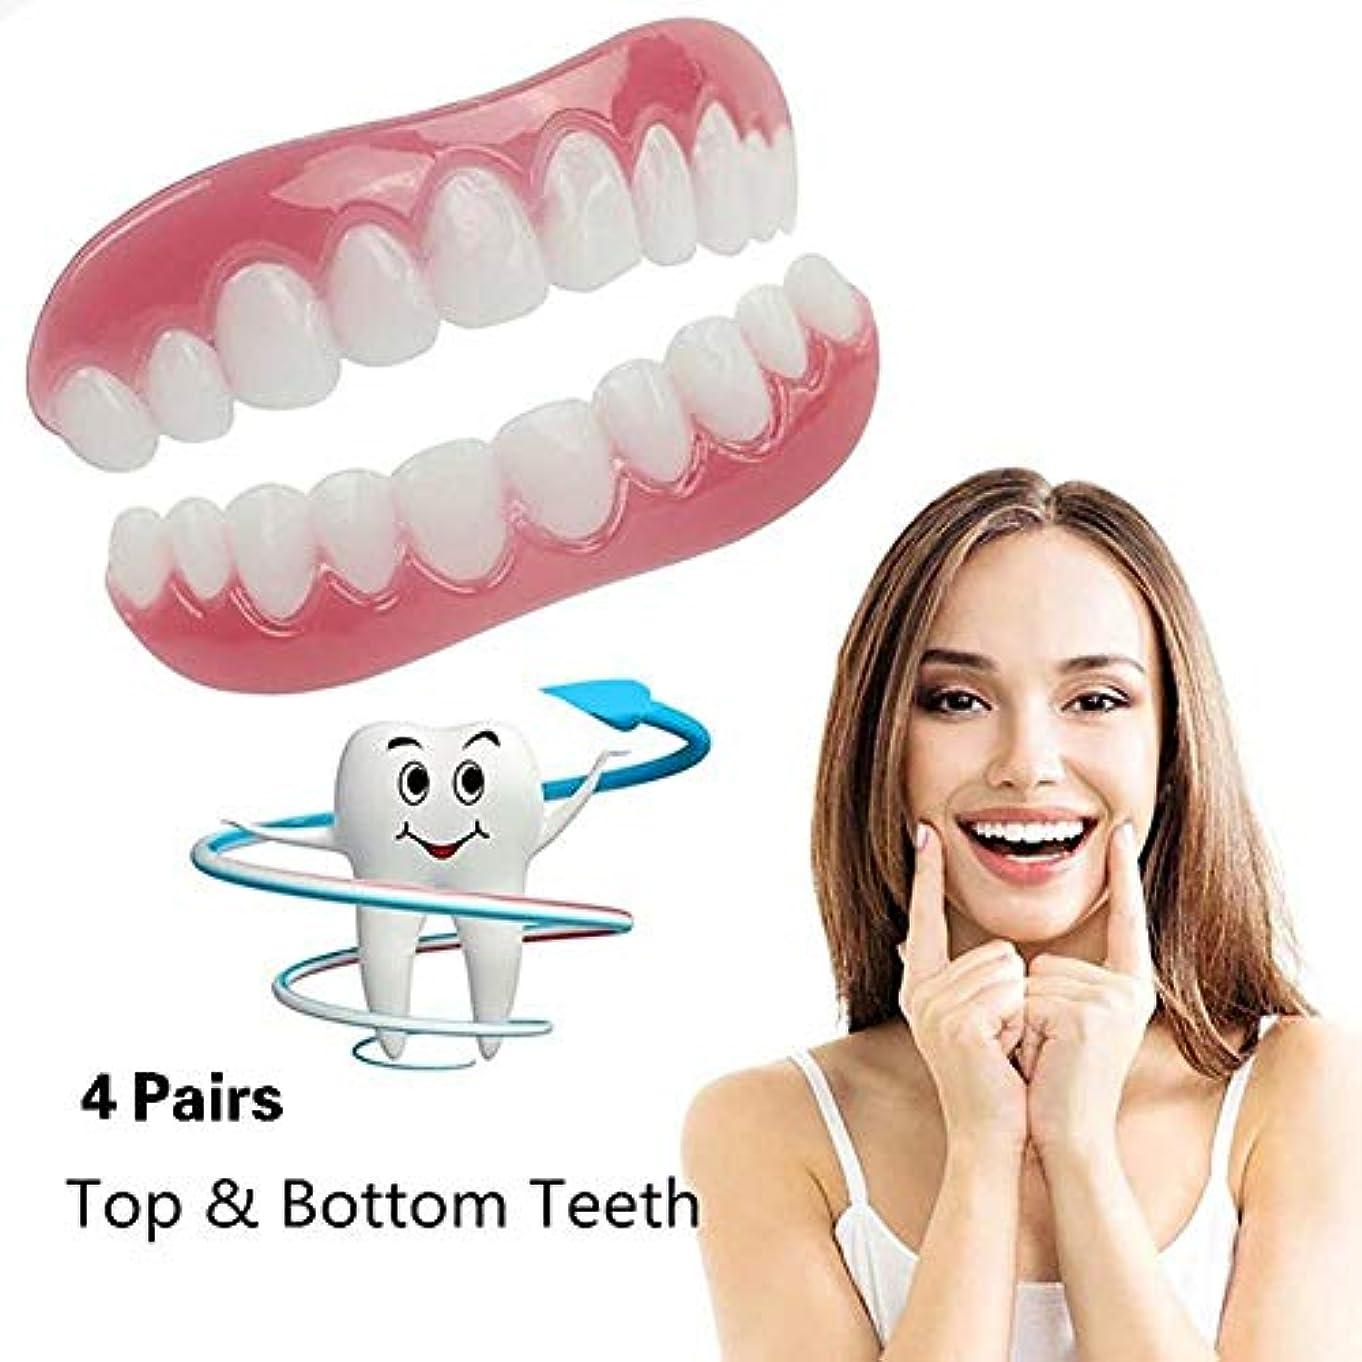 昼寝良心決めますシリコーンの歯のベニヤ化粧品の歯のスナップのしっかりとした上部の低い屈曲の歯科ベニヤ義歯のケアを白くする完全な歯1つのサイズに収まるすべて